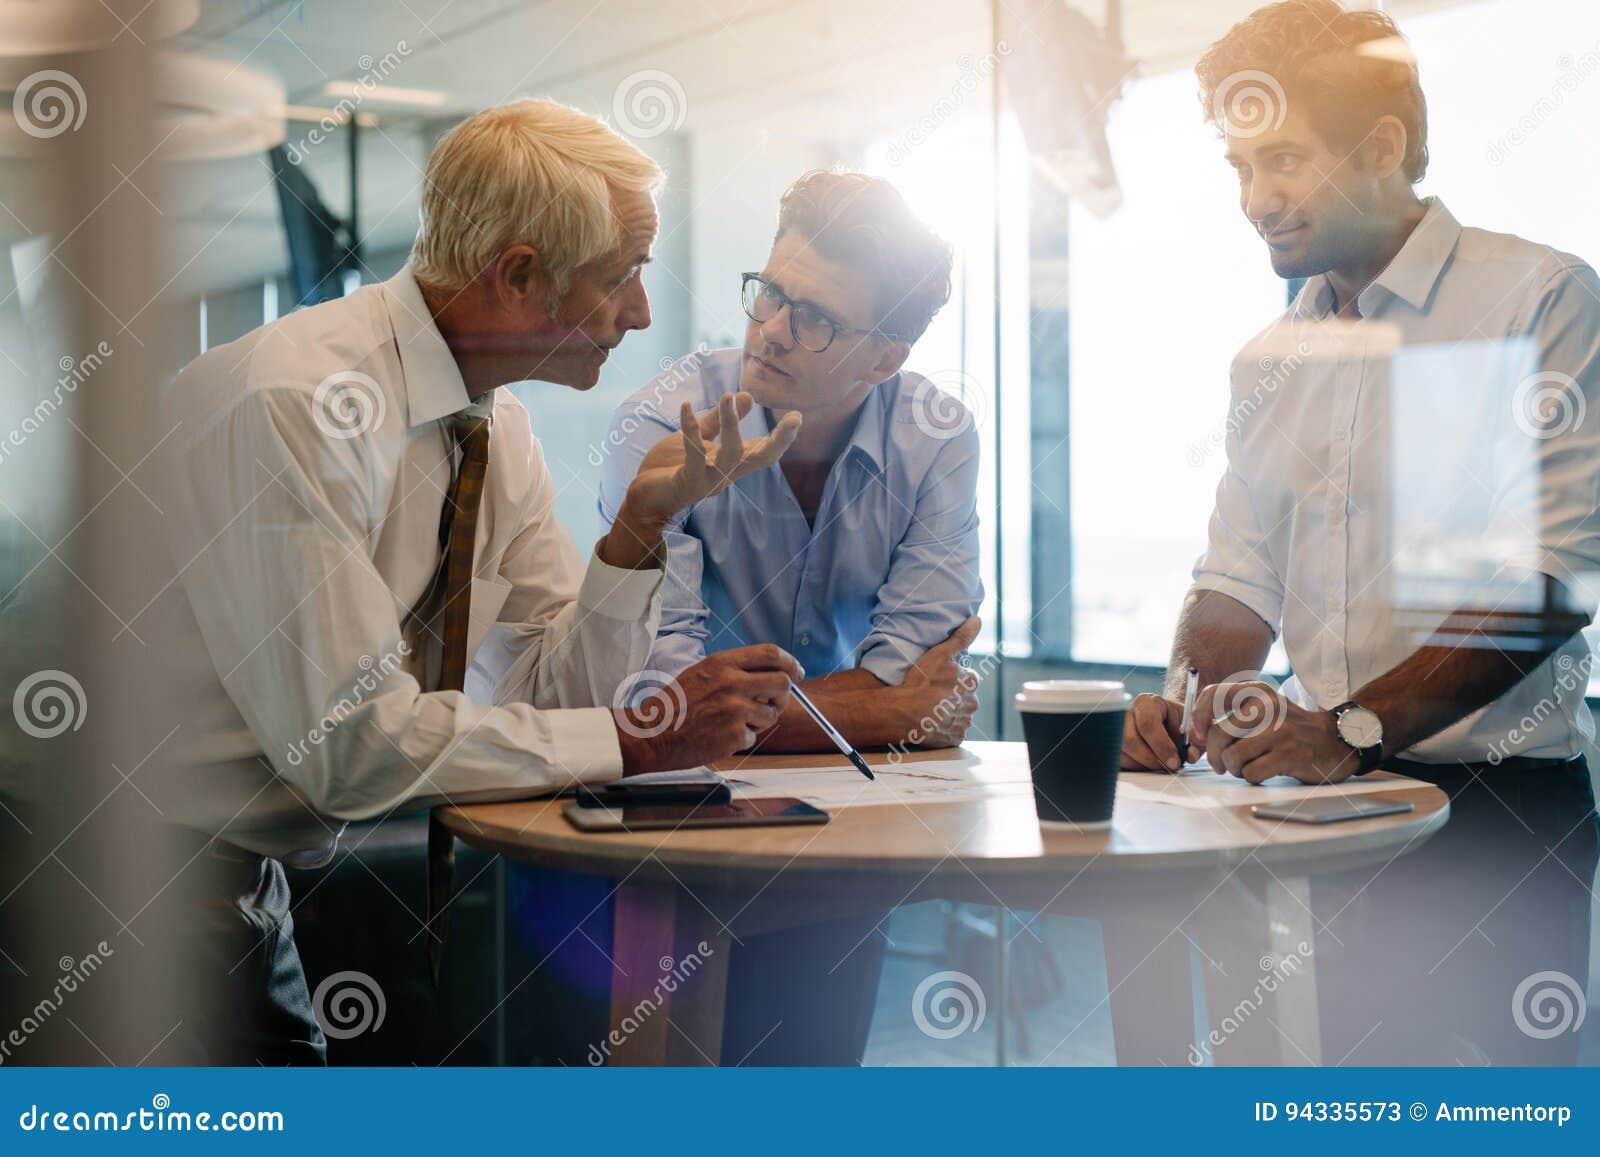 Bureau Moderne Entreprise : Professionnel d entreprise ayant une réunion dans le bureau